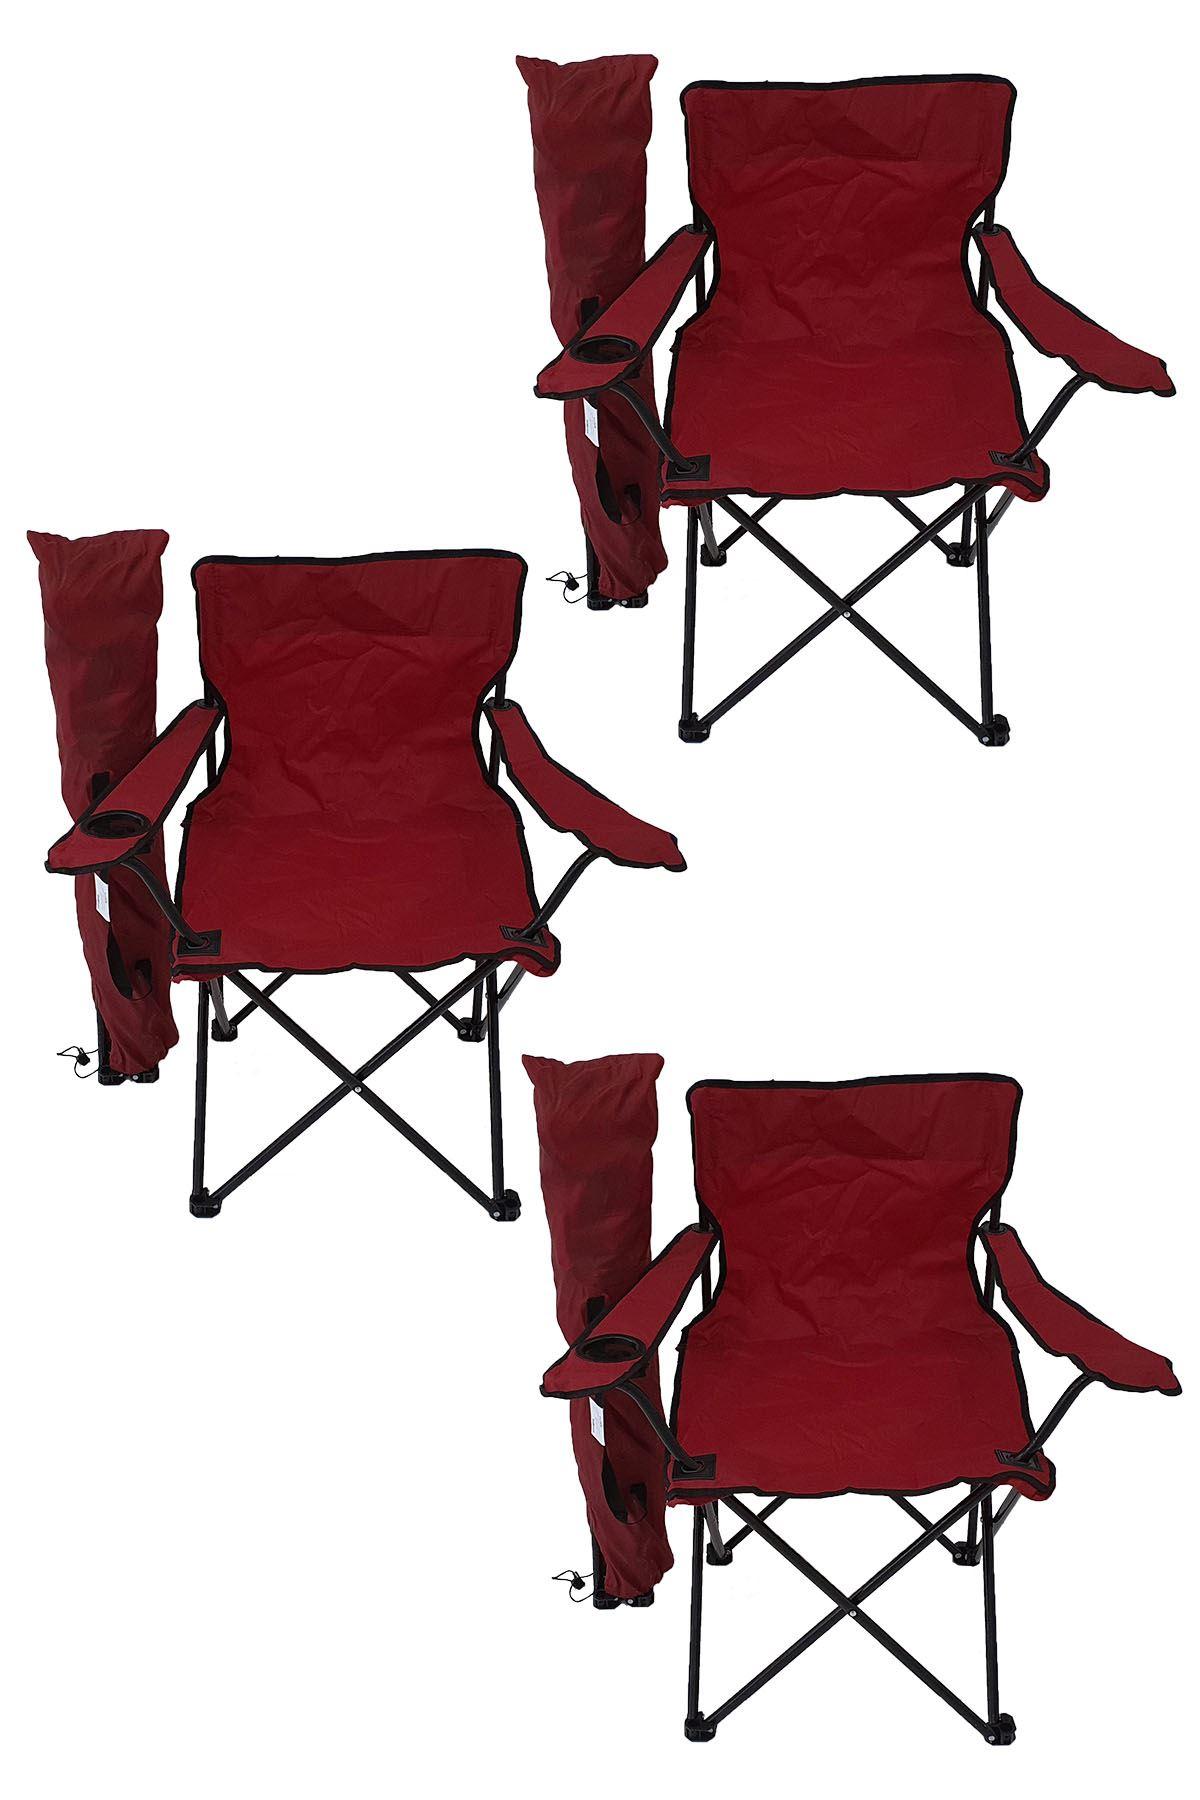 Bofigo 3'lü Kamp Sandalyesi Piknik Sandalyesi Katlanır Sandalye Taşıma Çantalı Kamp Sandalye Kırmızı